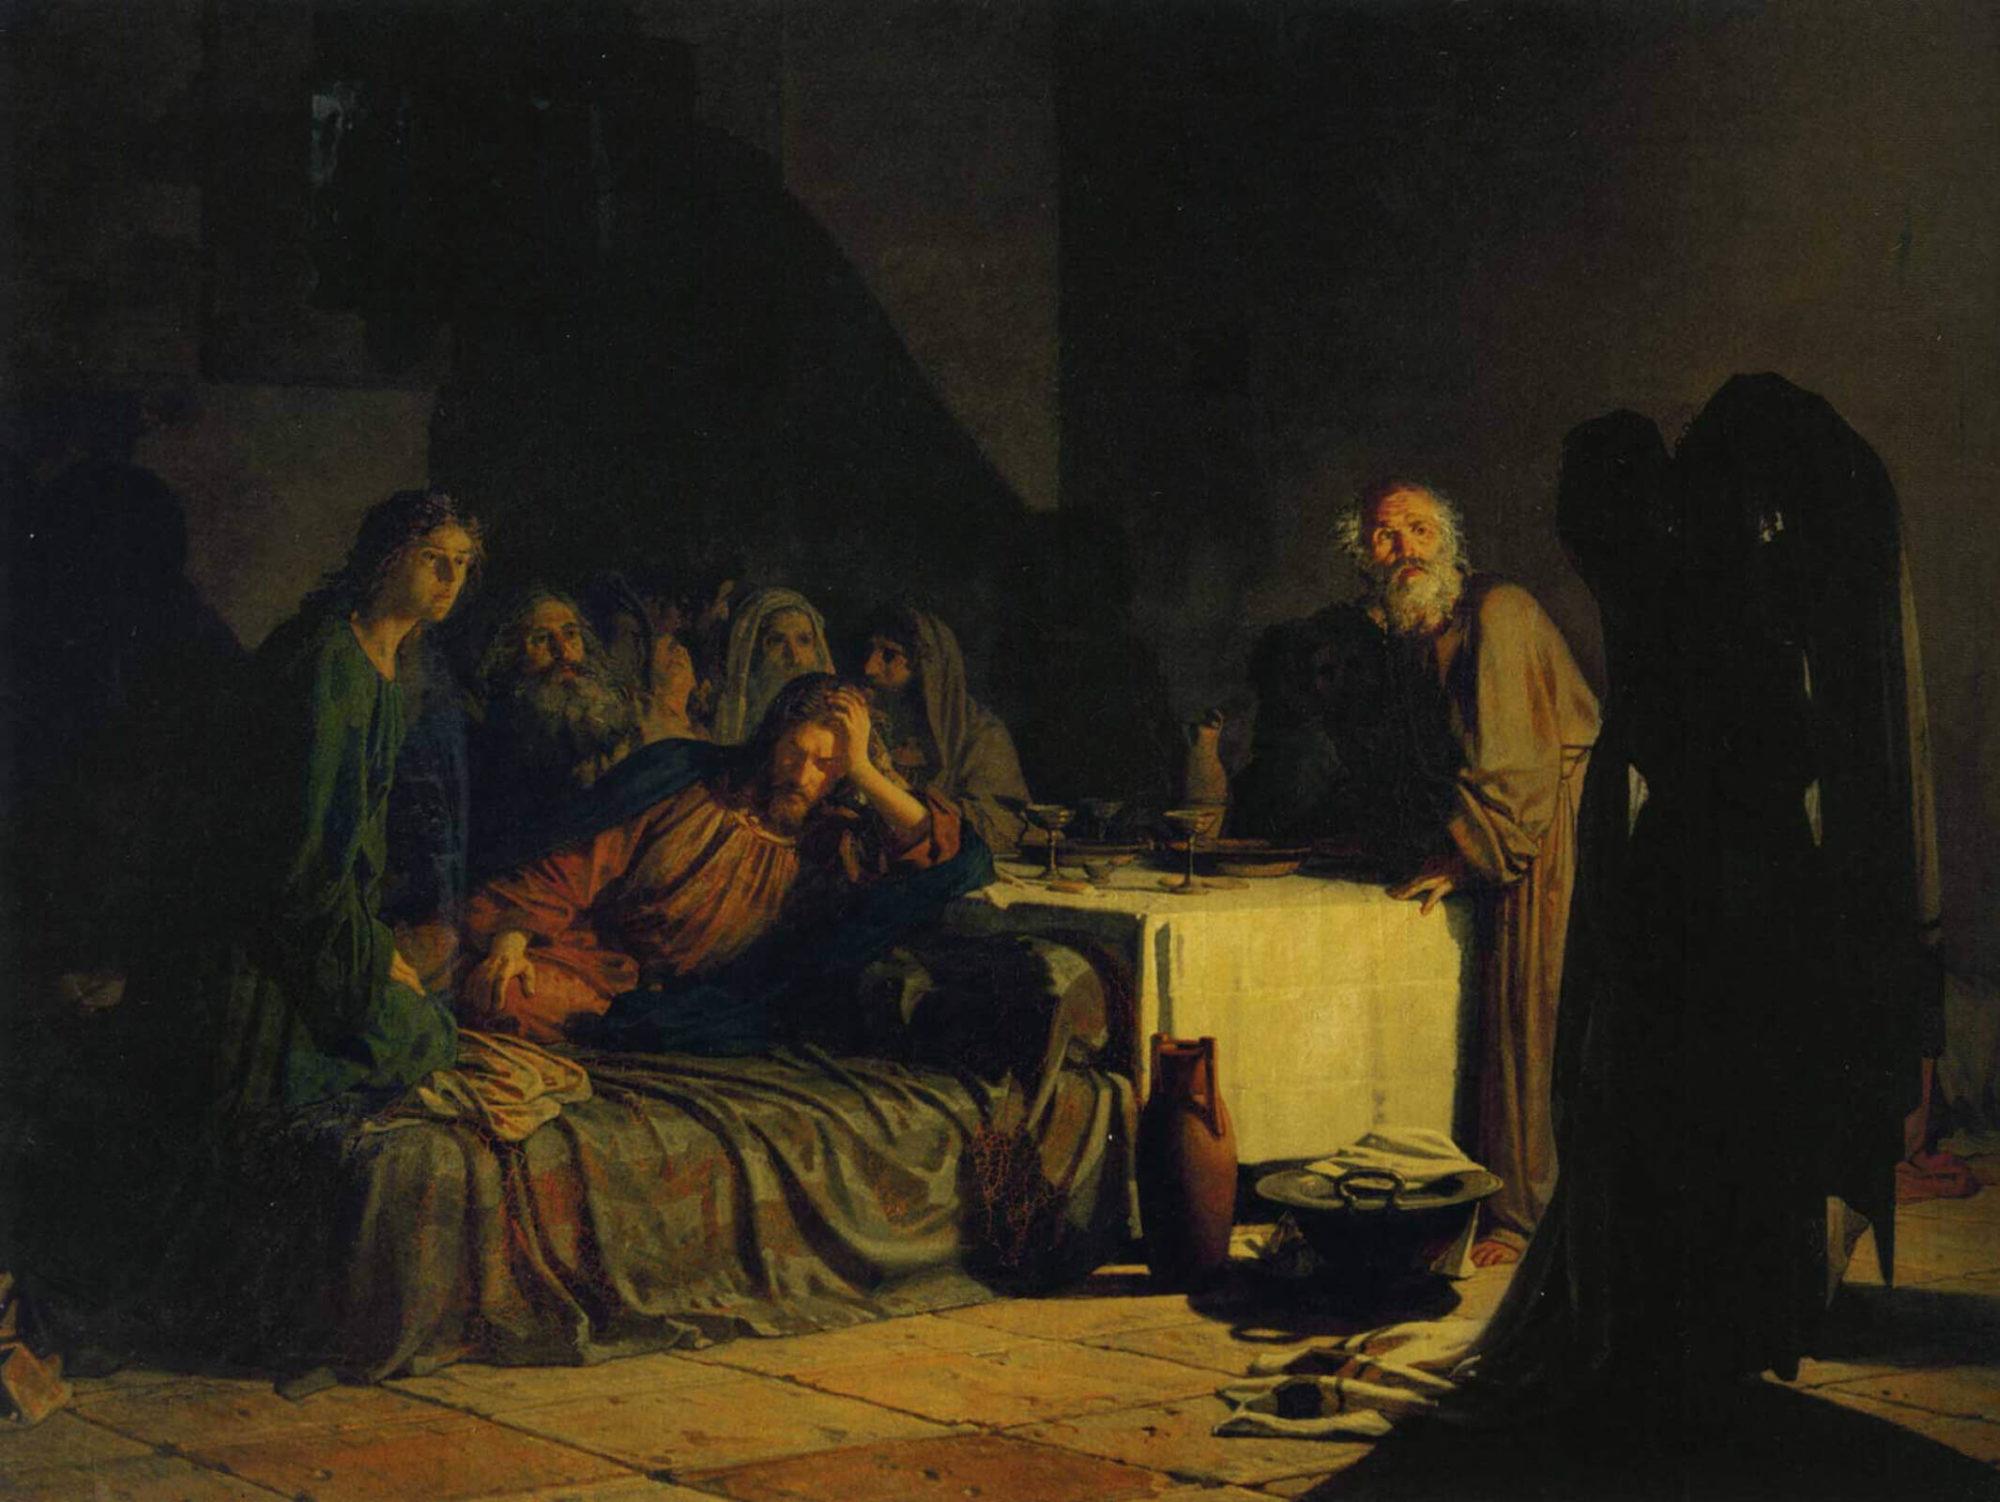 Николай Ге, 1883 год, картина «Тайная вечеря»